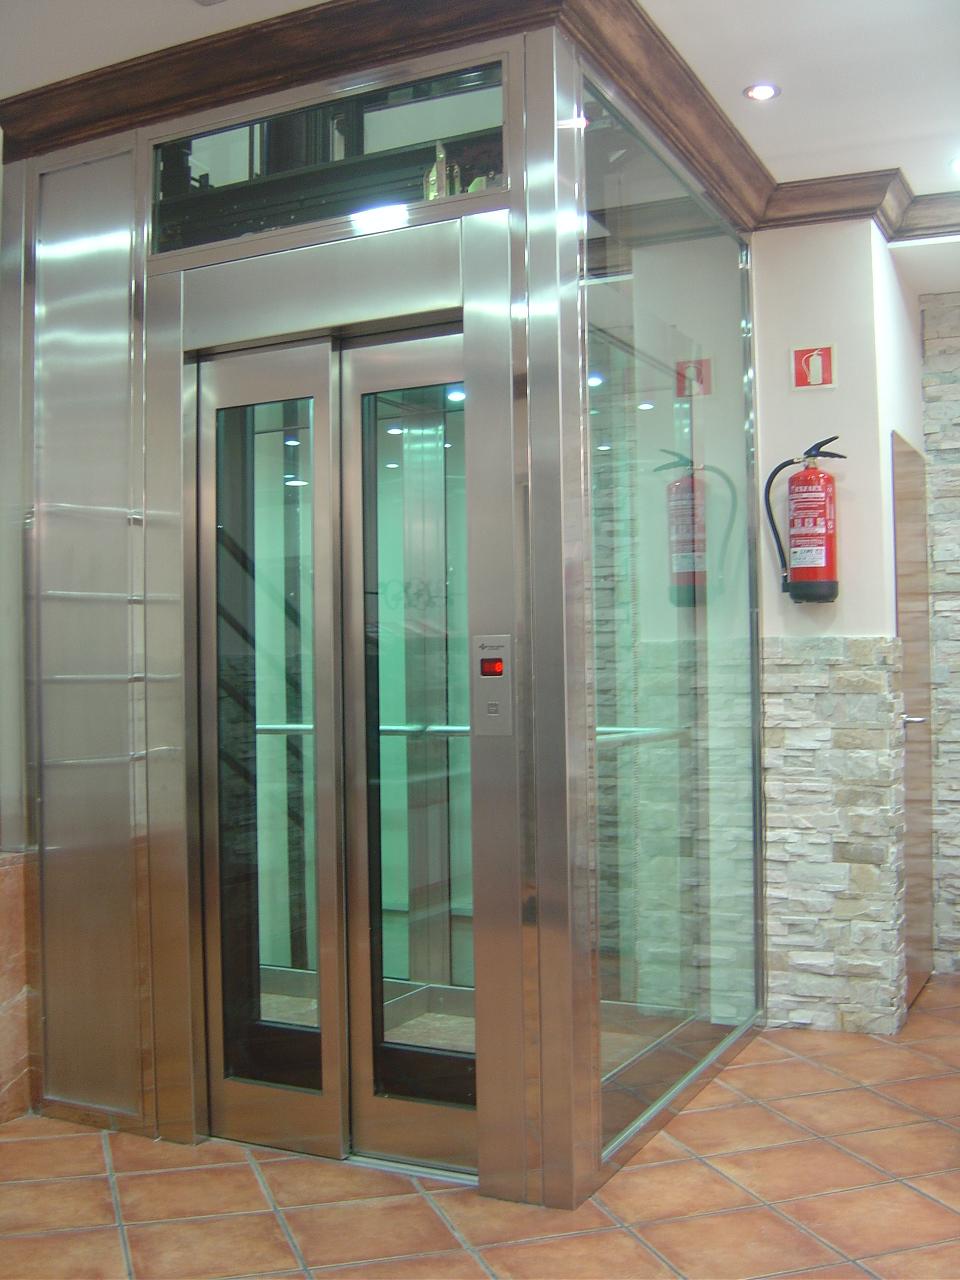 Mantenimiento e instalaci n de ascensores en madrid for Ascensores unifamiliares sin mantenimiento